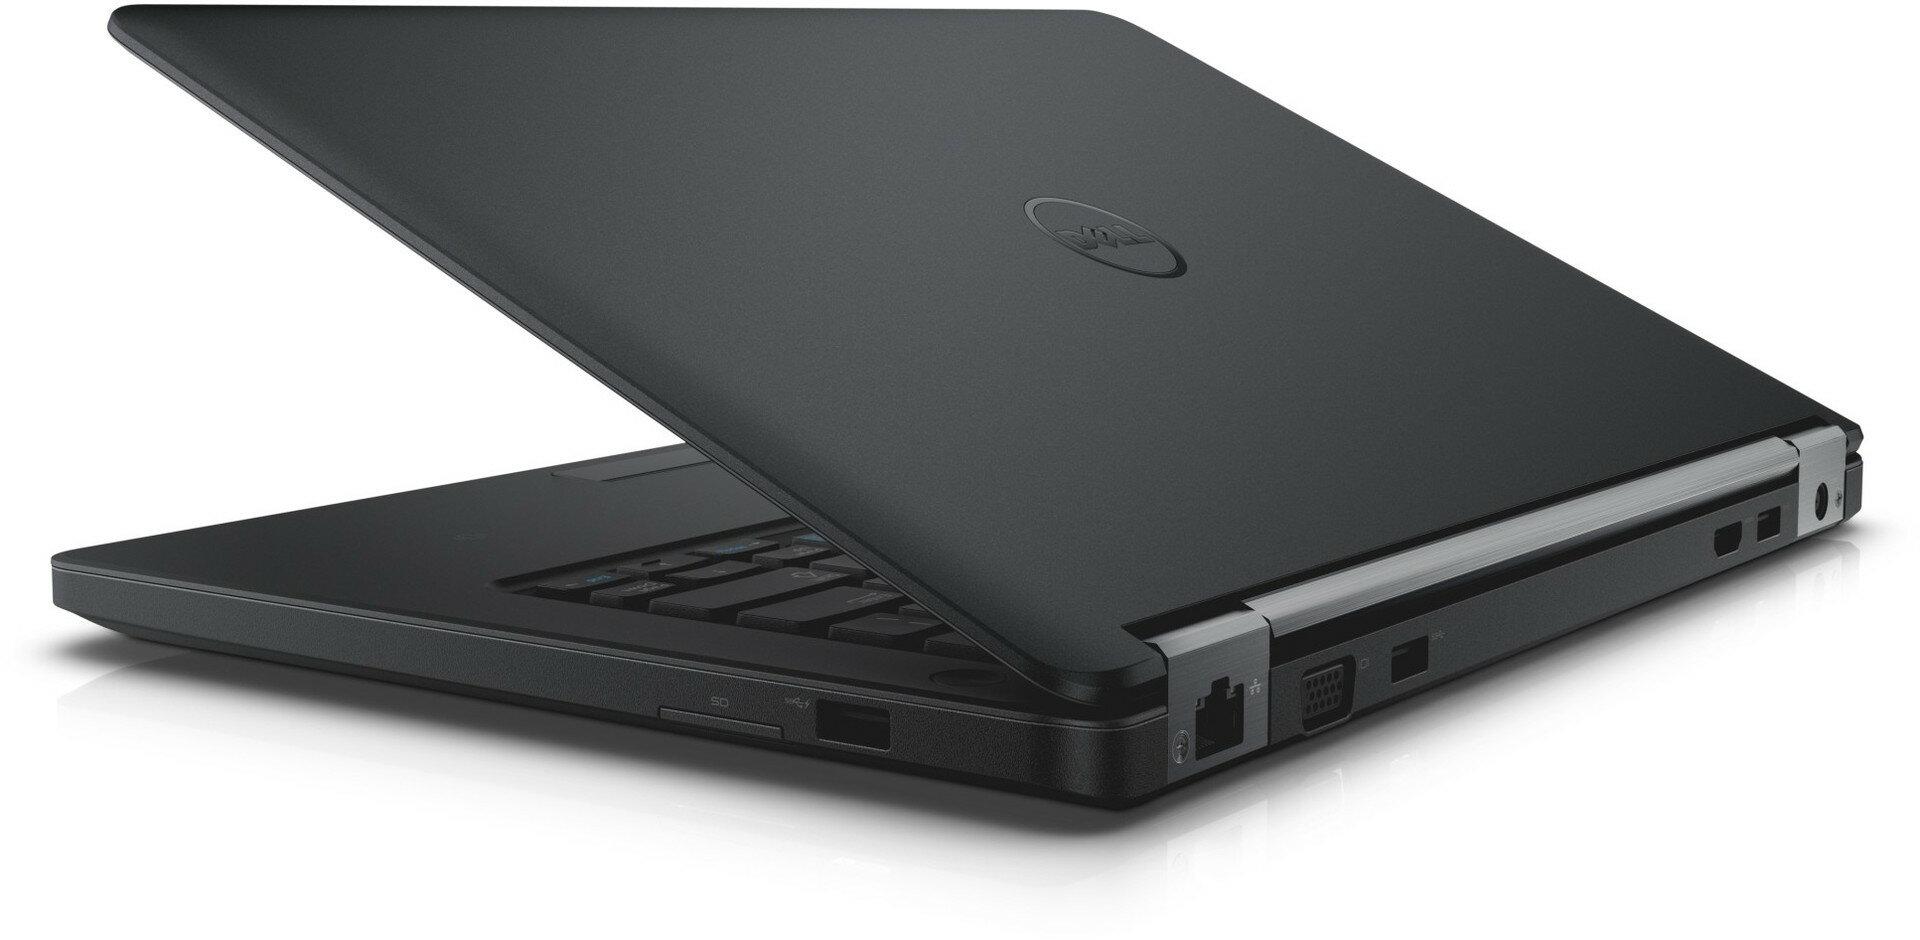 Dell Latitude E7450 Intel i5-5200U 2 20Ghz 8GB RAM 256GB SSD Win 10 Pro  Webcam